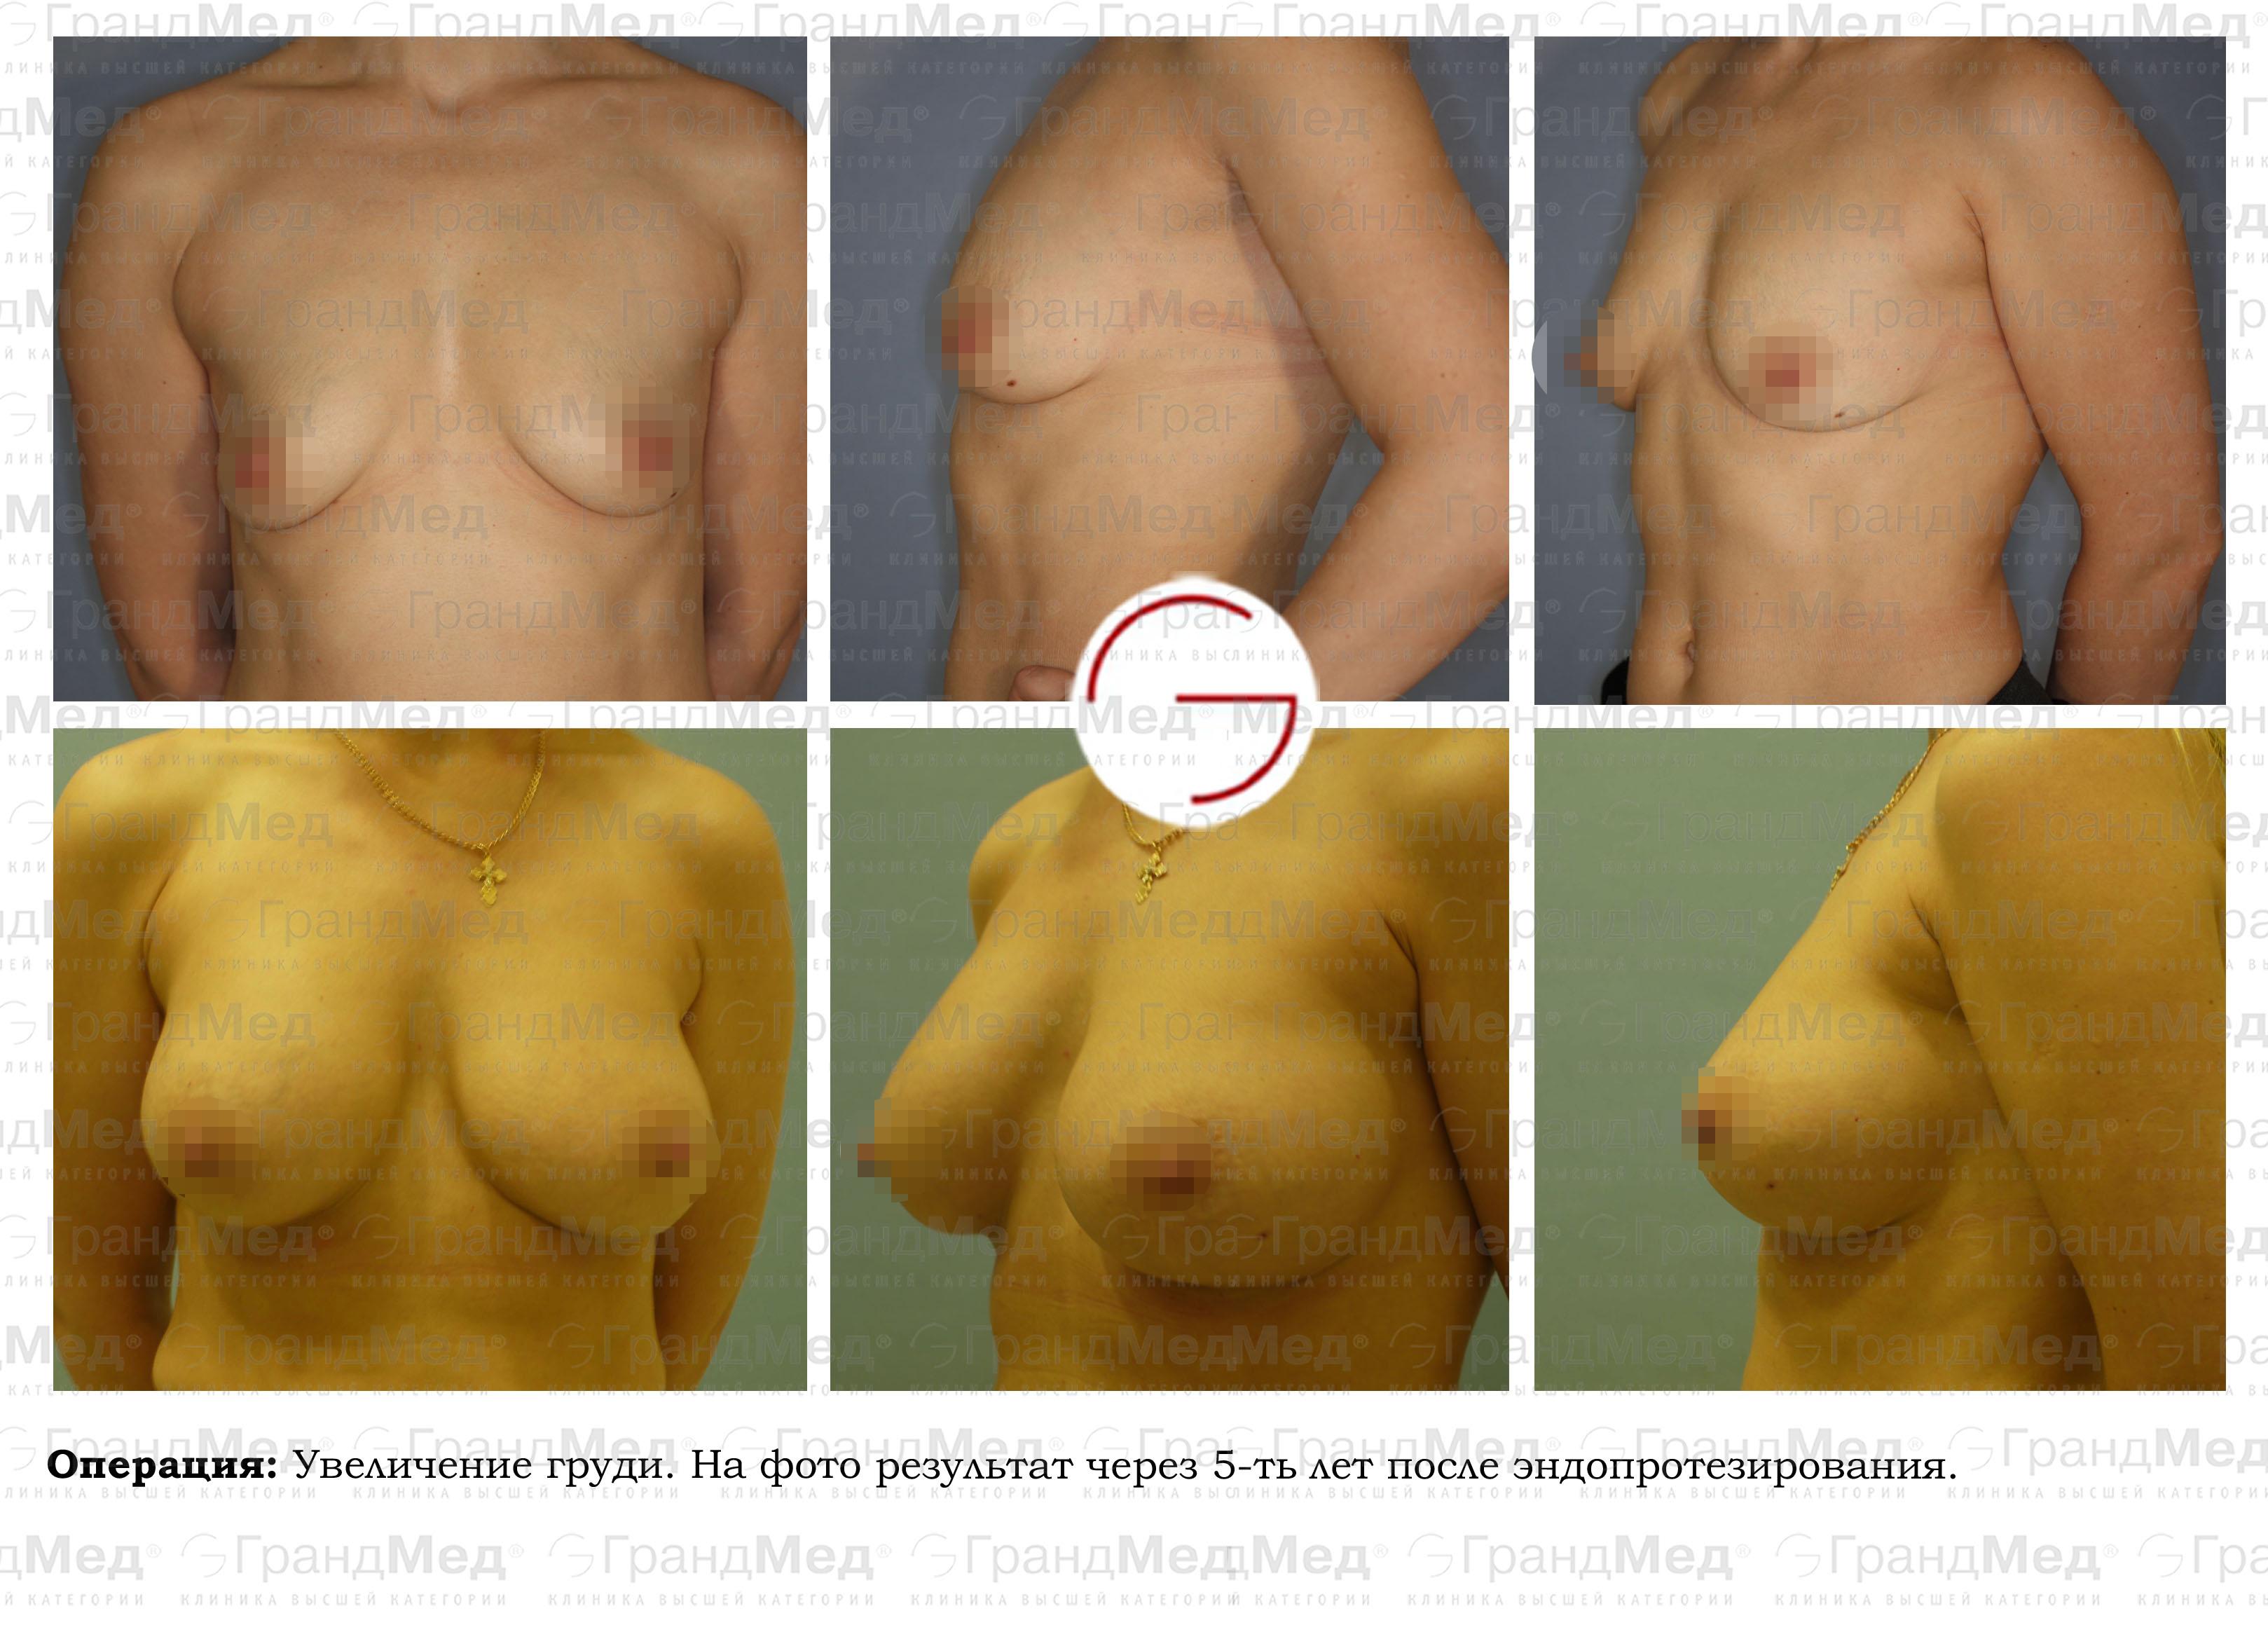 увеличение груди в запорожье